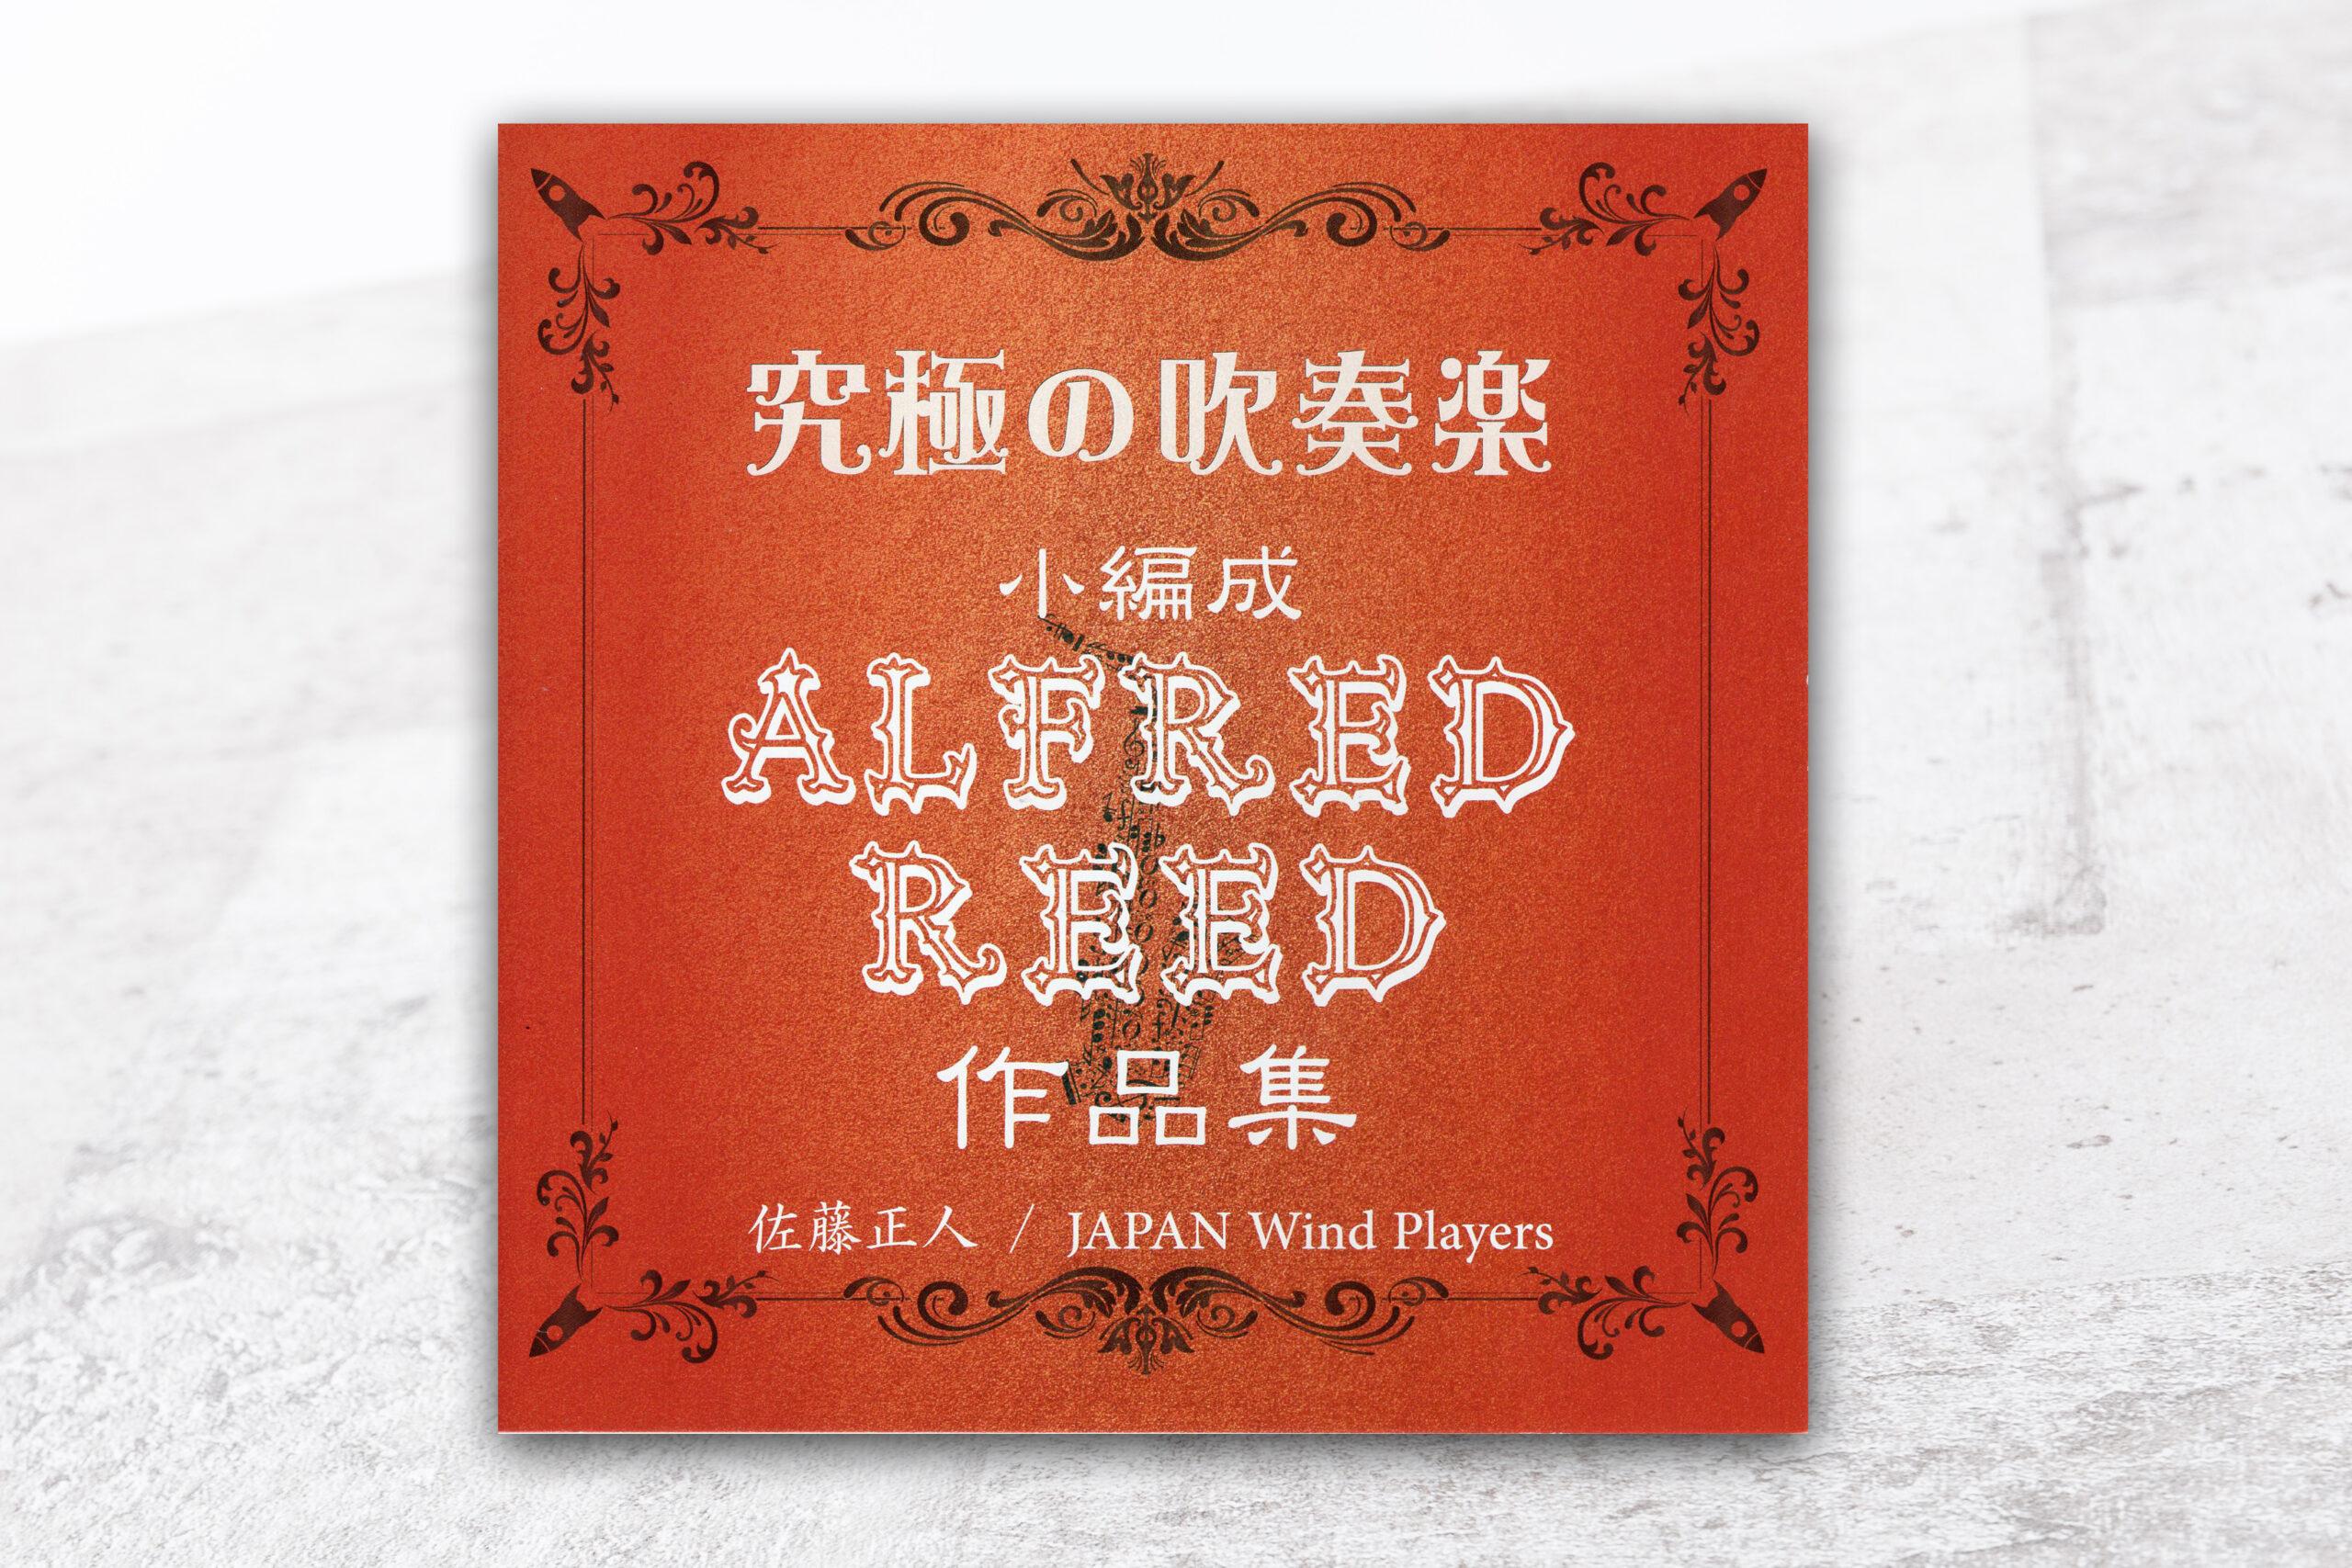 『究極の吹奏楽~小編成アルフレッド・リード作品集』に、「音楽祭のプレリュード」「ミュージックメーカーズ」(A.リード/坂井貴祐 編曲)が収録されています。